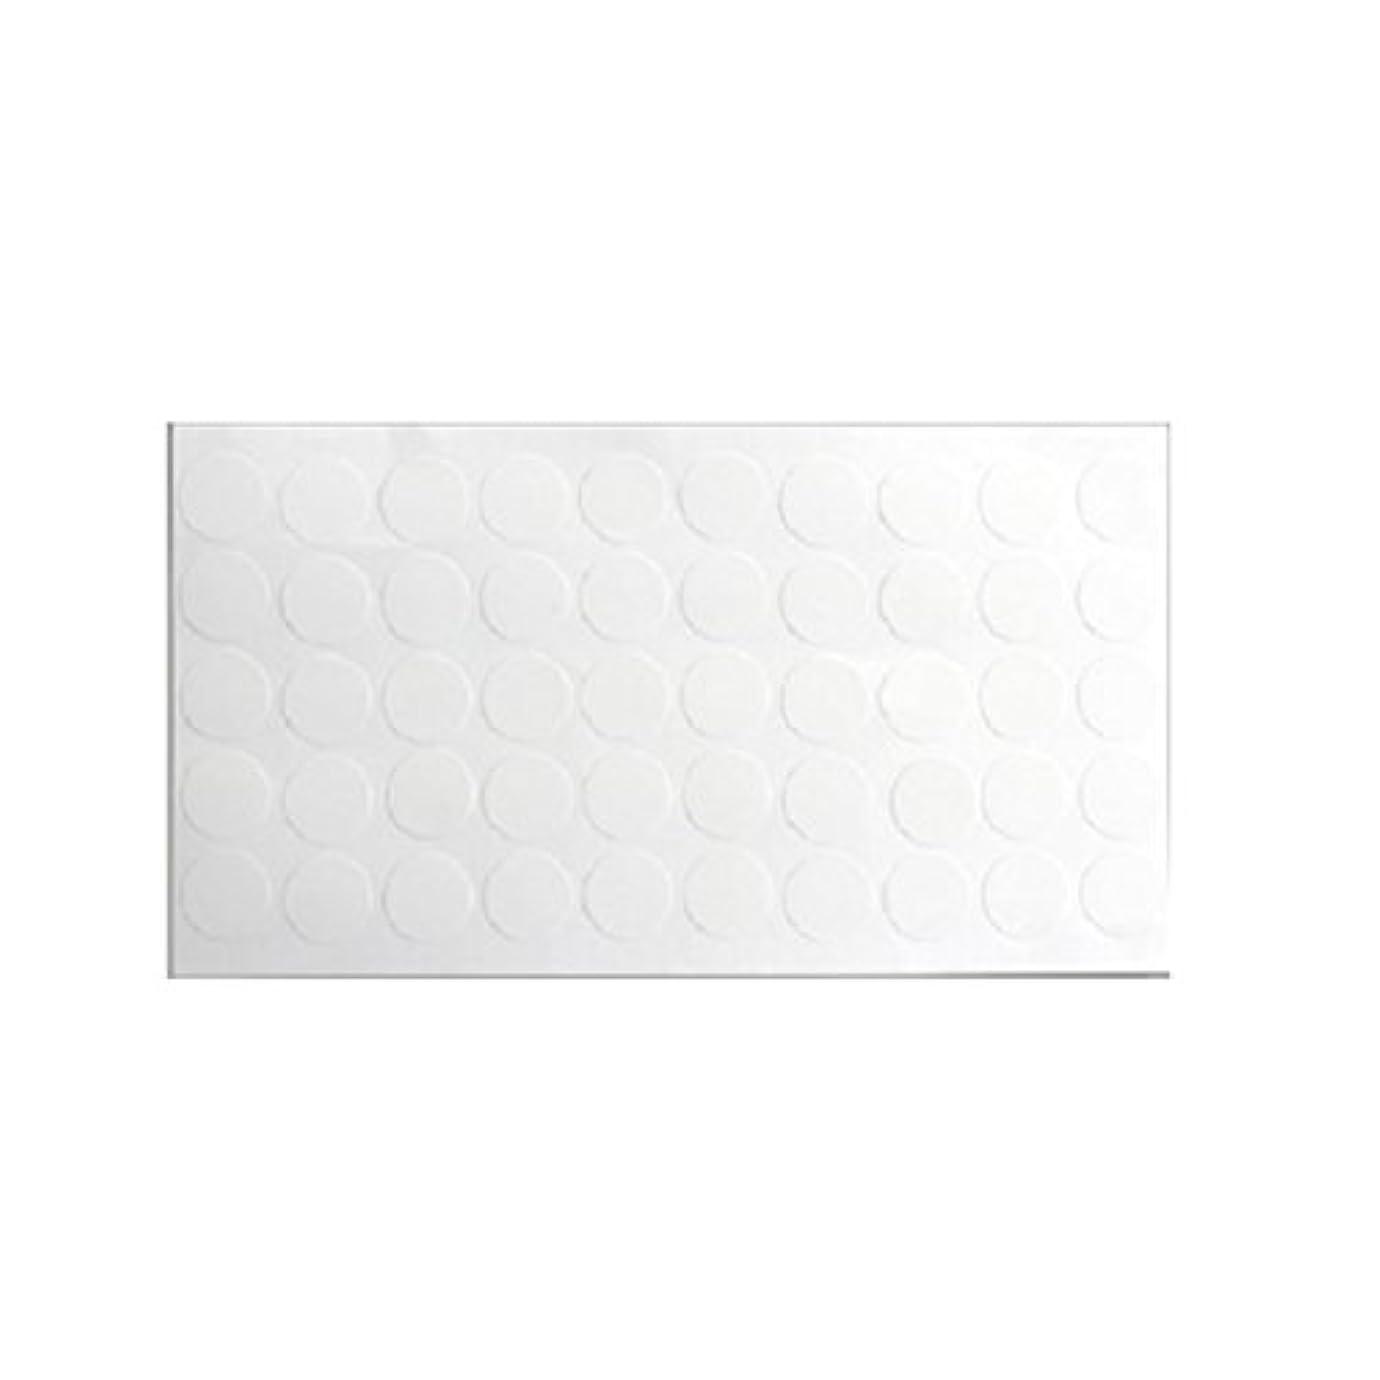 ルーム想定するマントルまつげエクステグルー専用 カップリングテープ 1枚(50個入り)